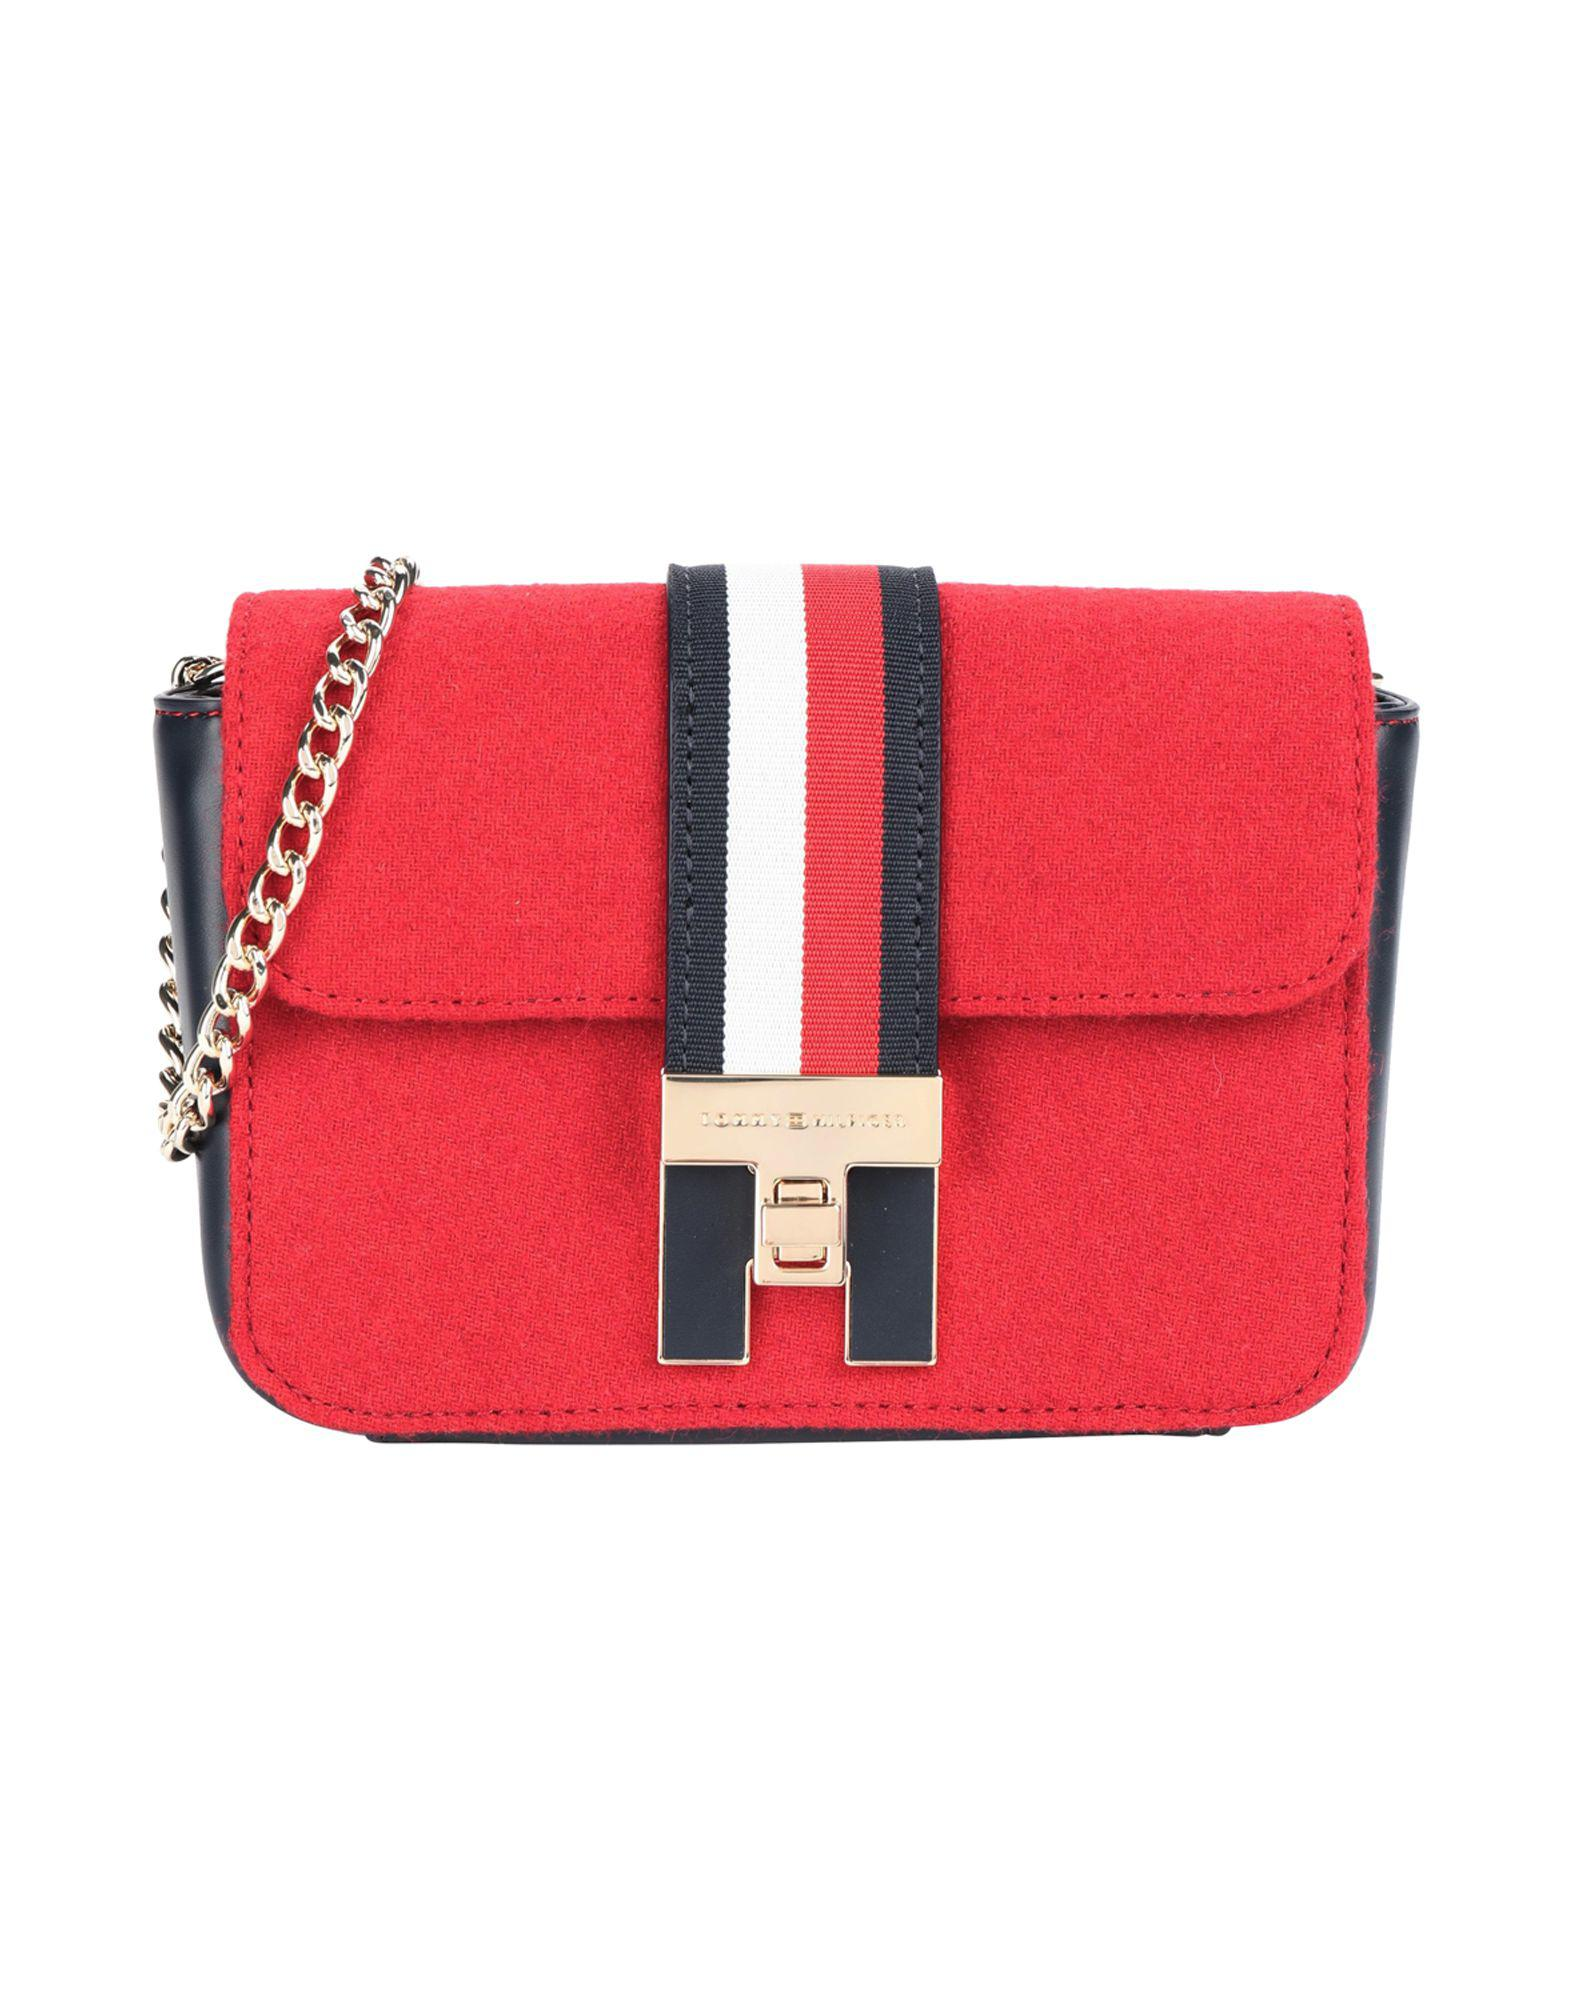 508f34c27b2 Tommy Hilfiger Cross-body Bag in Red - Lyst